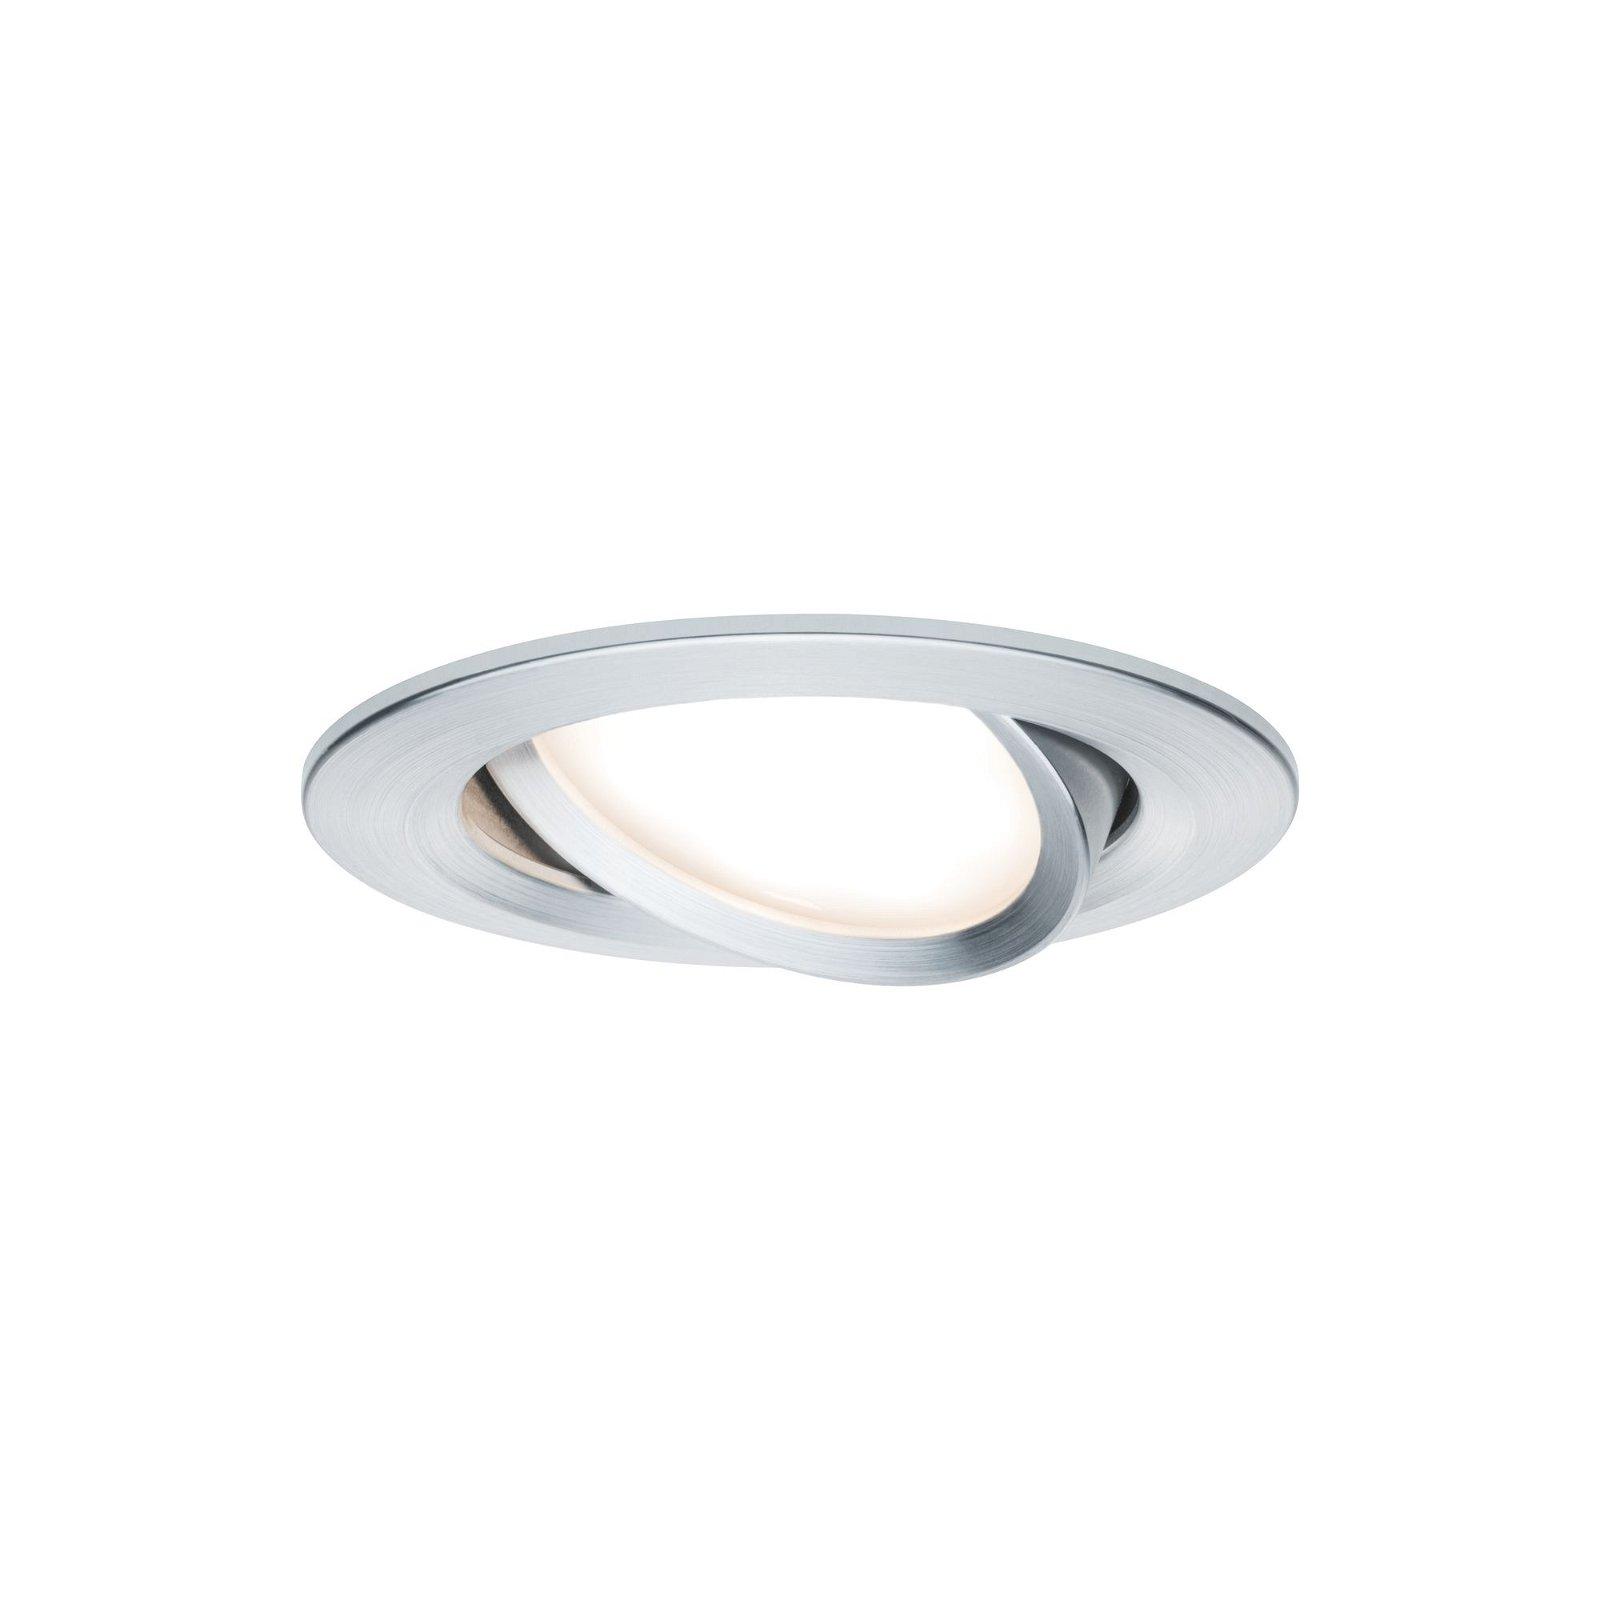 LED Einbauleuchte Nova Basisset schwenkbar rund 84mm 50° Coin 3x6,5W 3x460lm 230V 2700K Alu gedreht